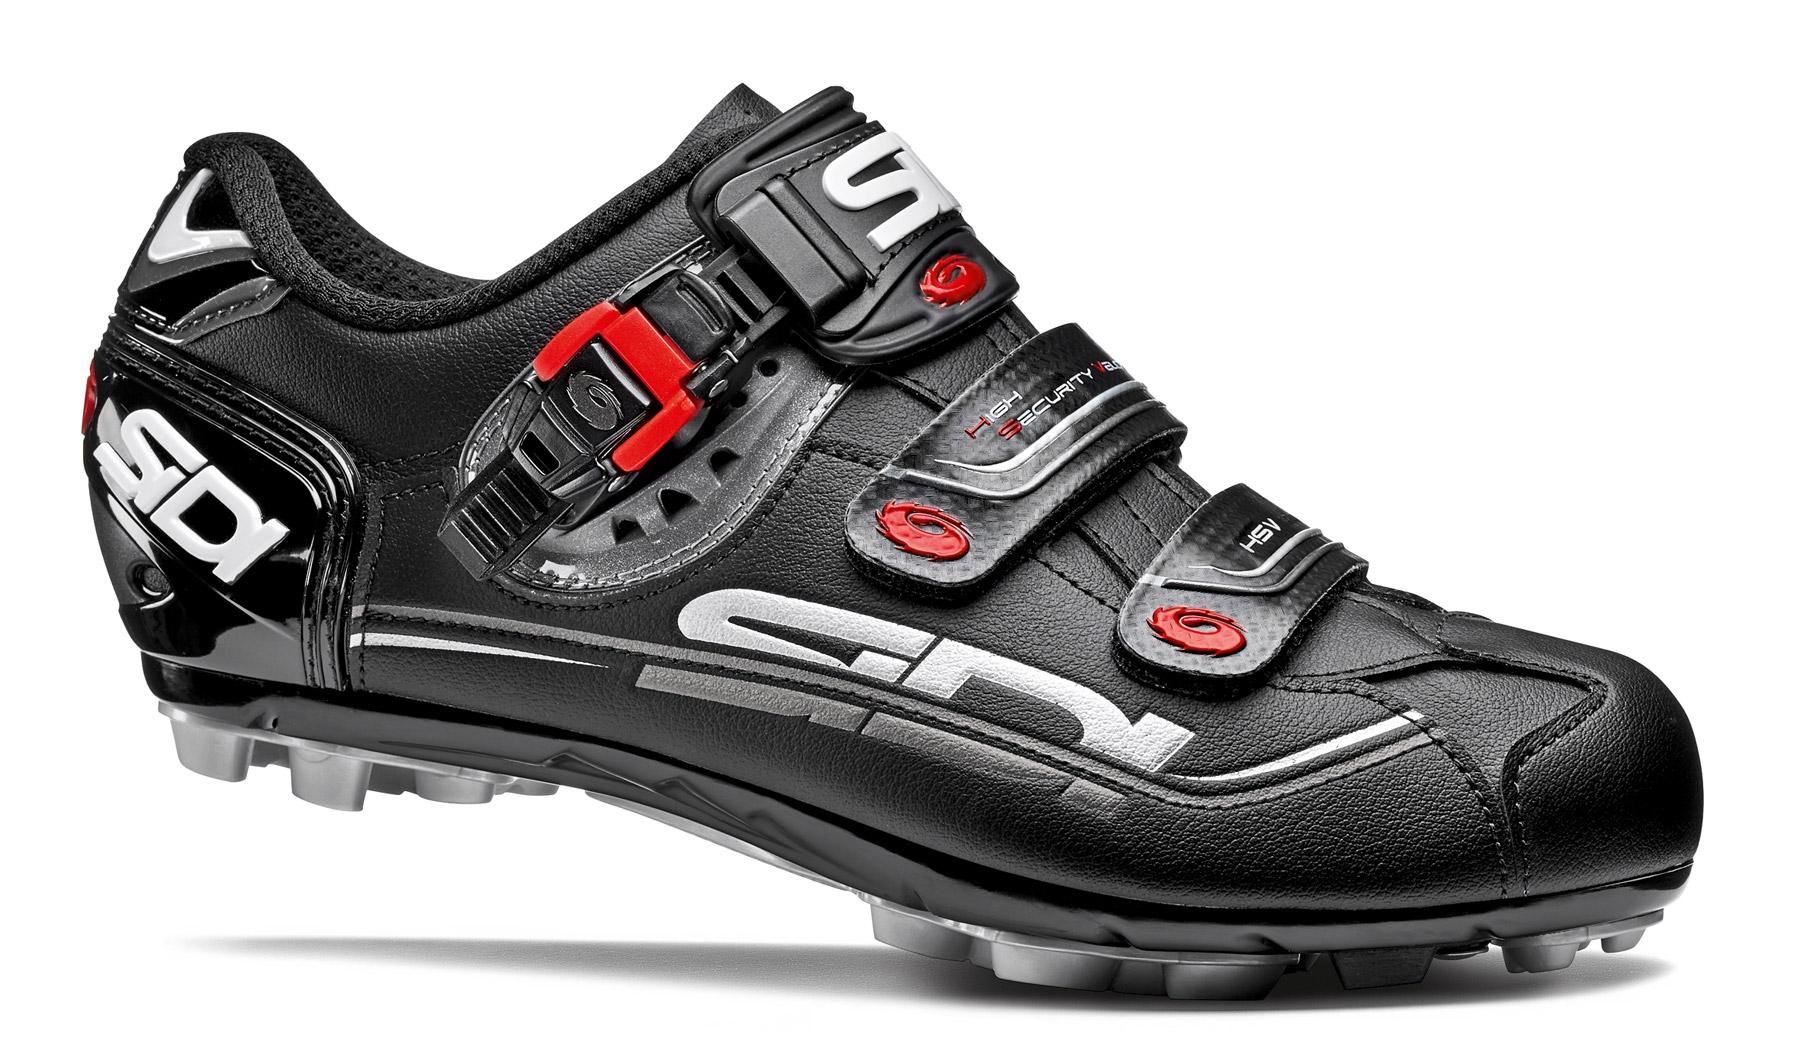 buy popular 1e485 df70a MTB CYCLING SHOE SIDI DOMINATOR 7 MEGA - Cycling shoes - Bike - Triathlon  wetsuits, clothing, shoes, bike and running 2XU, Zoot, x bionic Triathlon